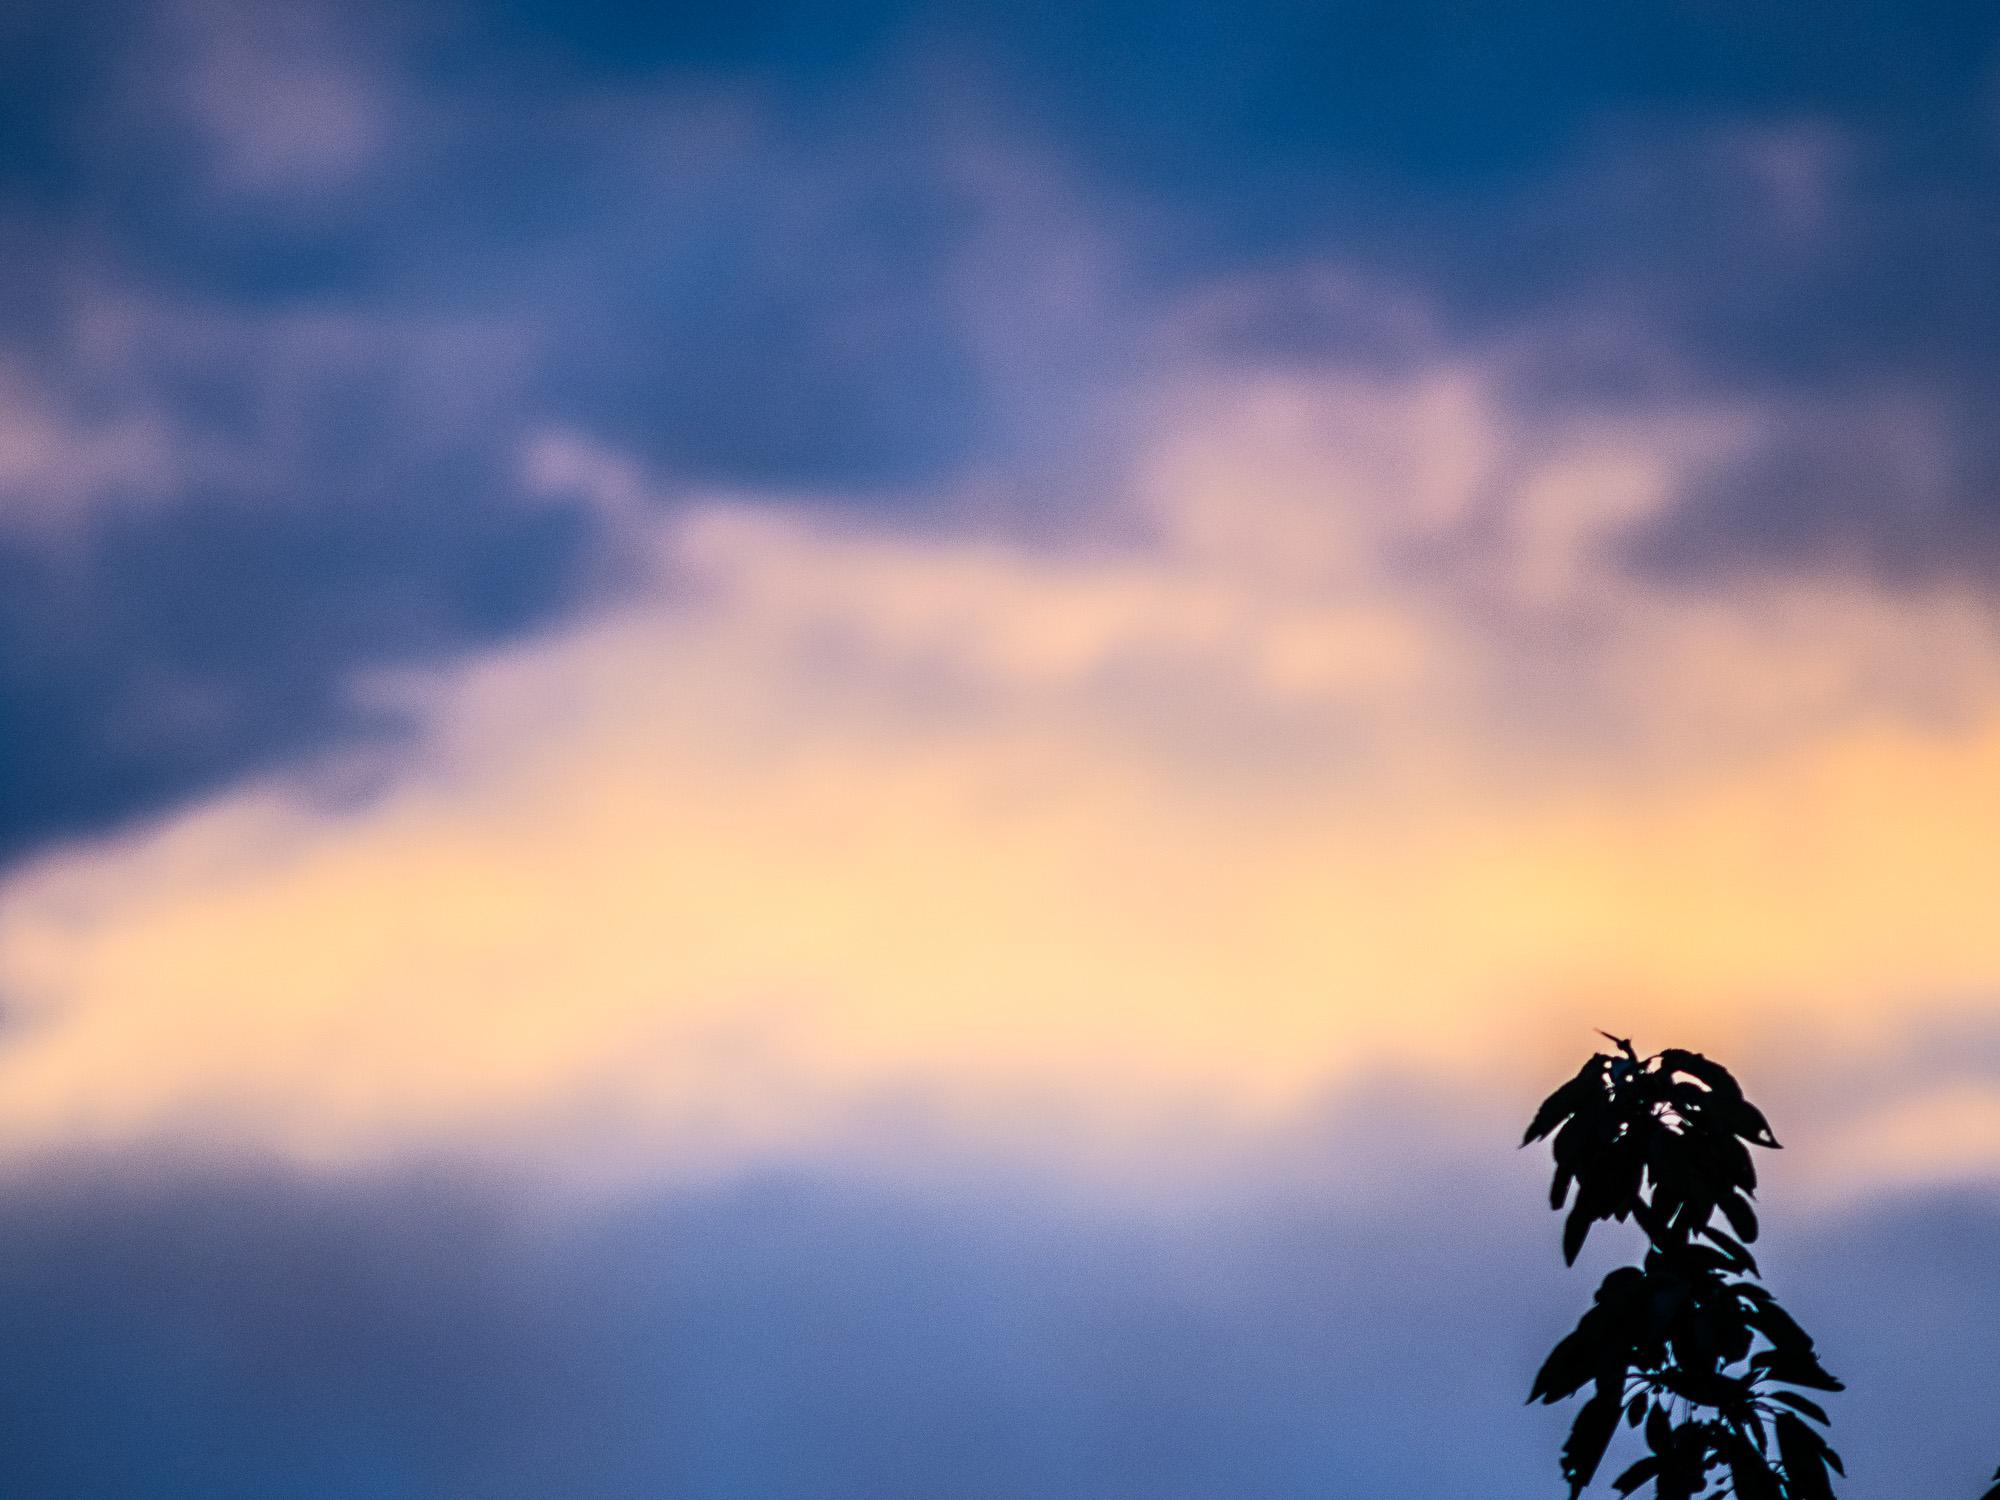 Von der Sonne beleuchtete Wolke hinter einem Ast